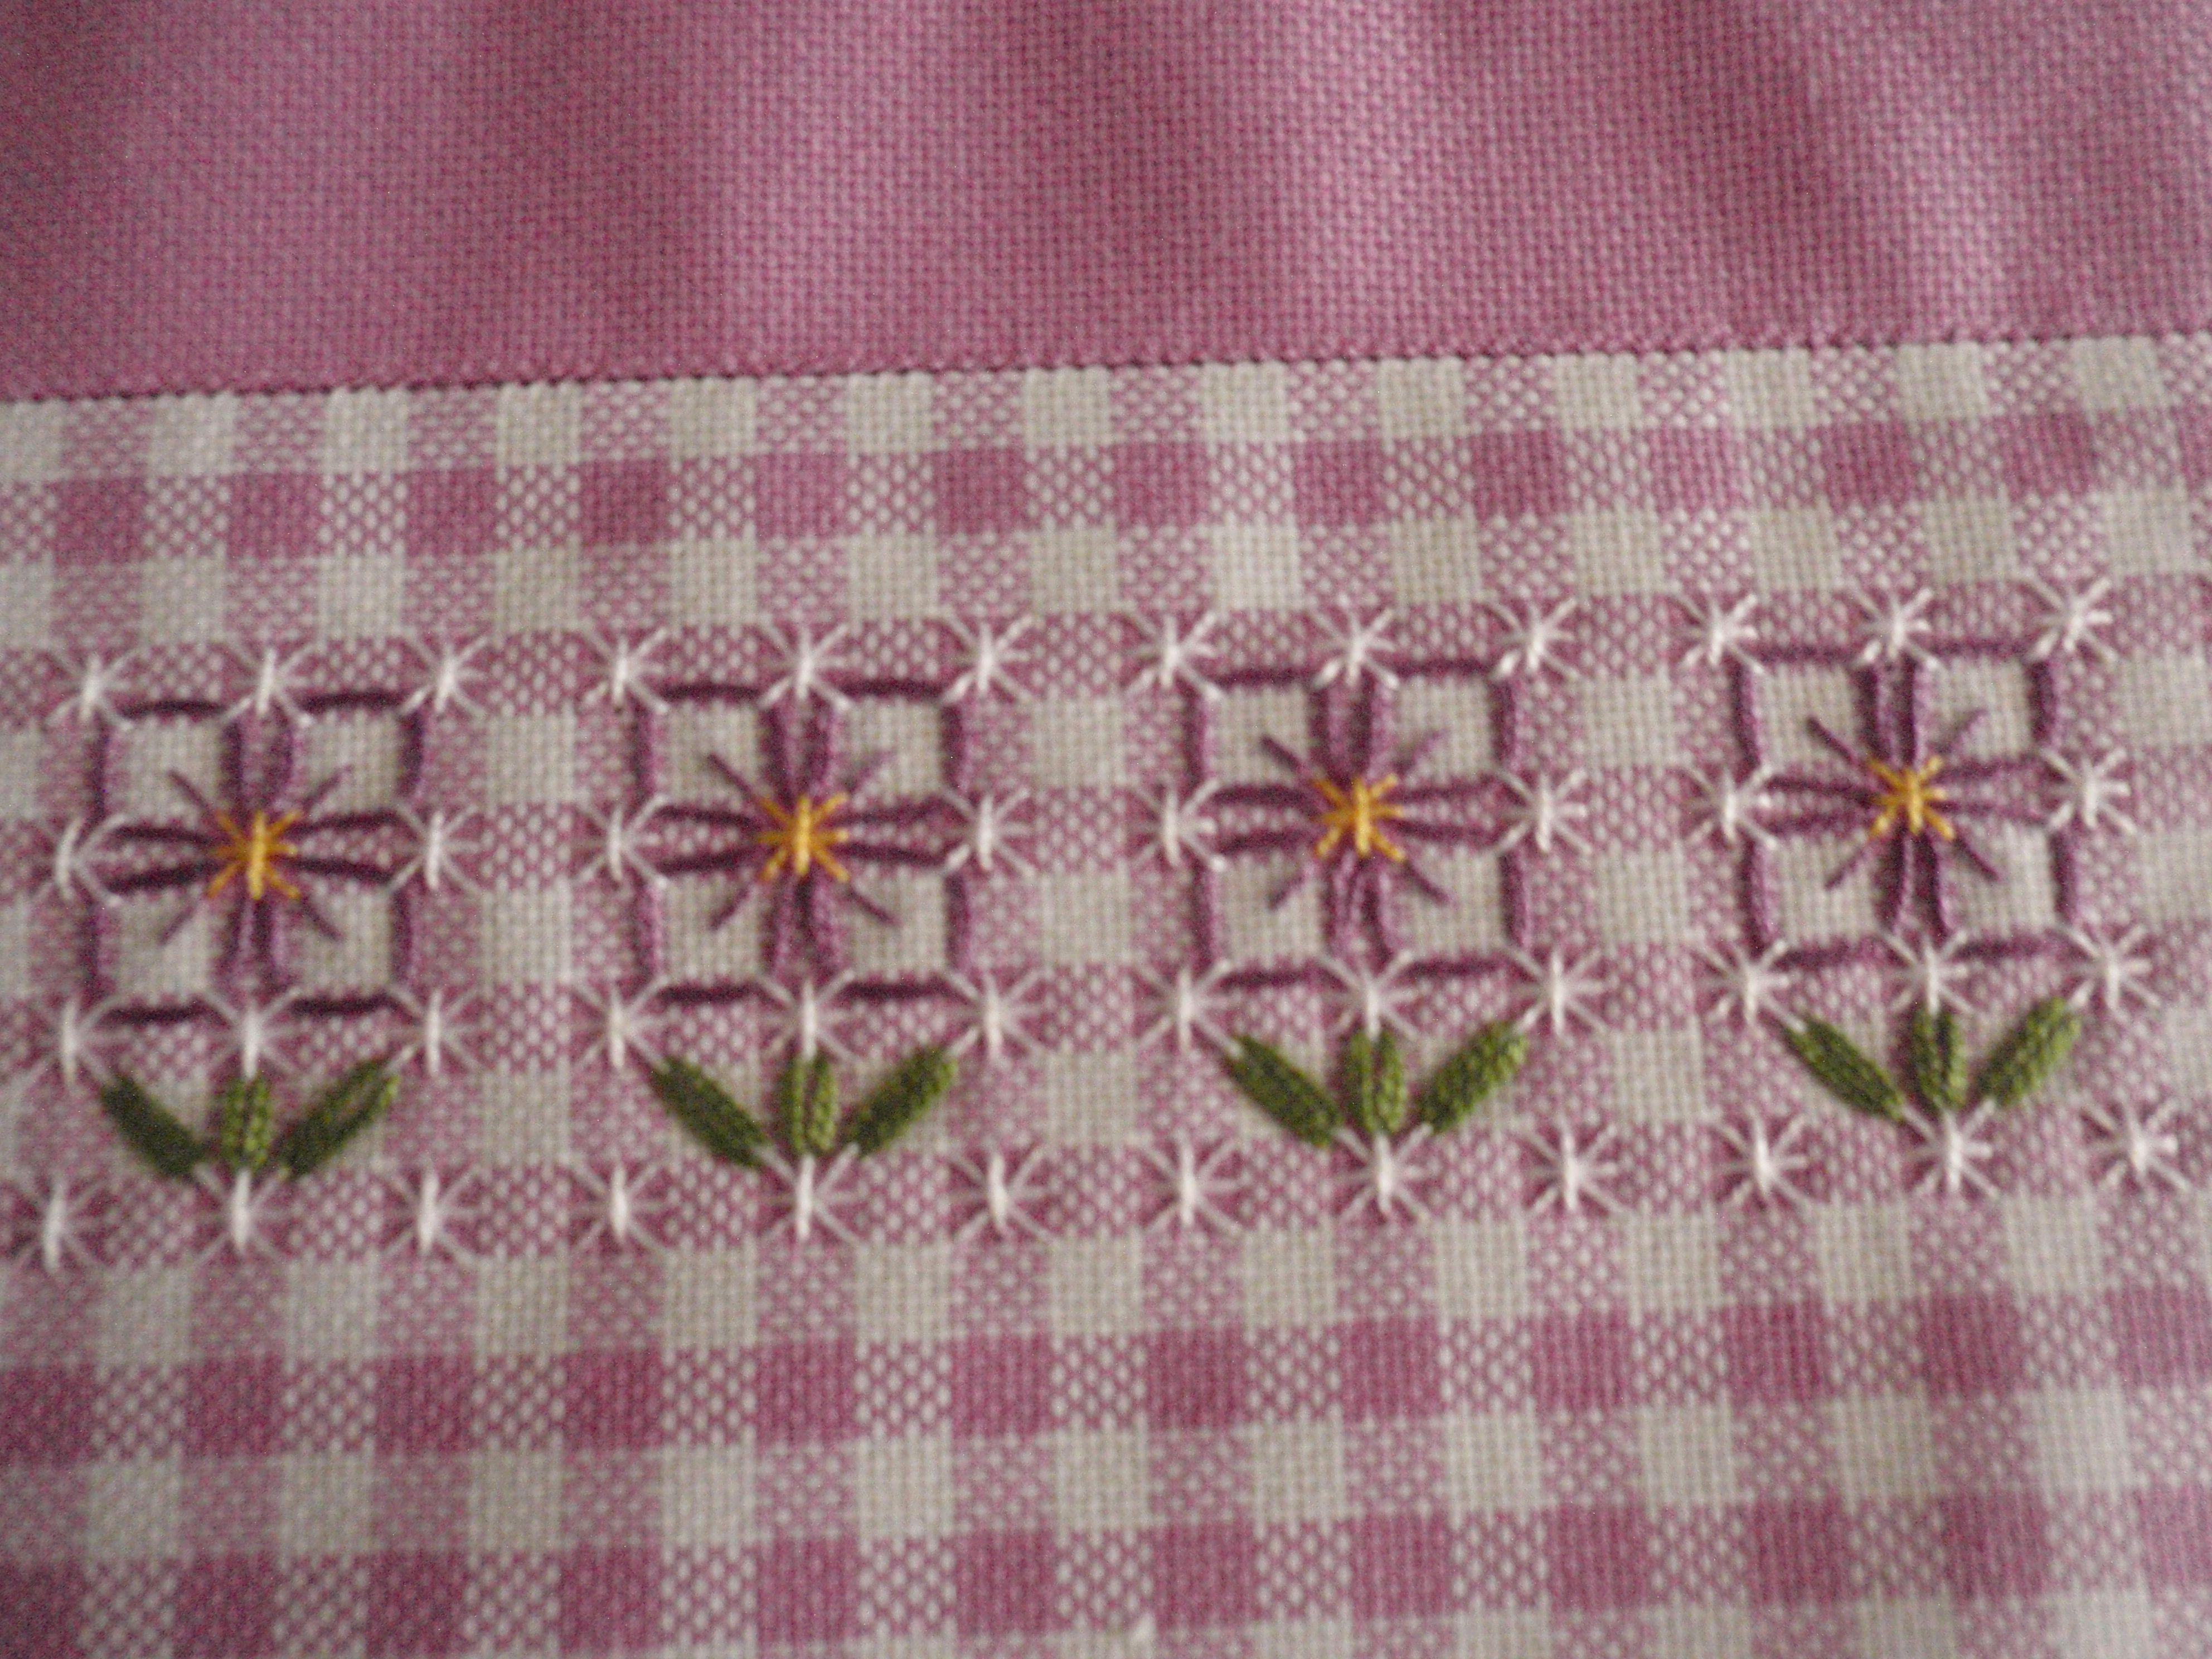 Broderie suisse tovaglietta dettaglio embroidary